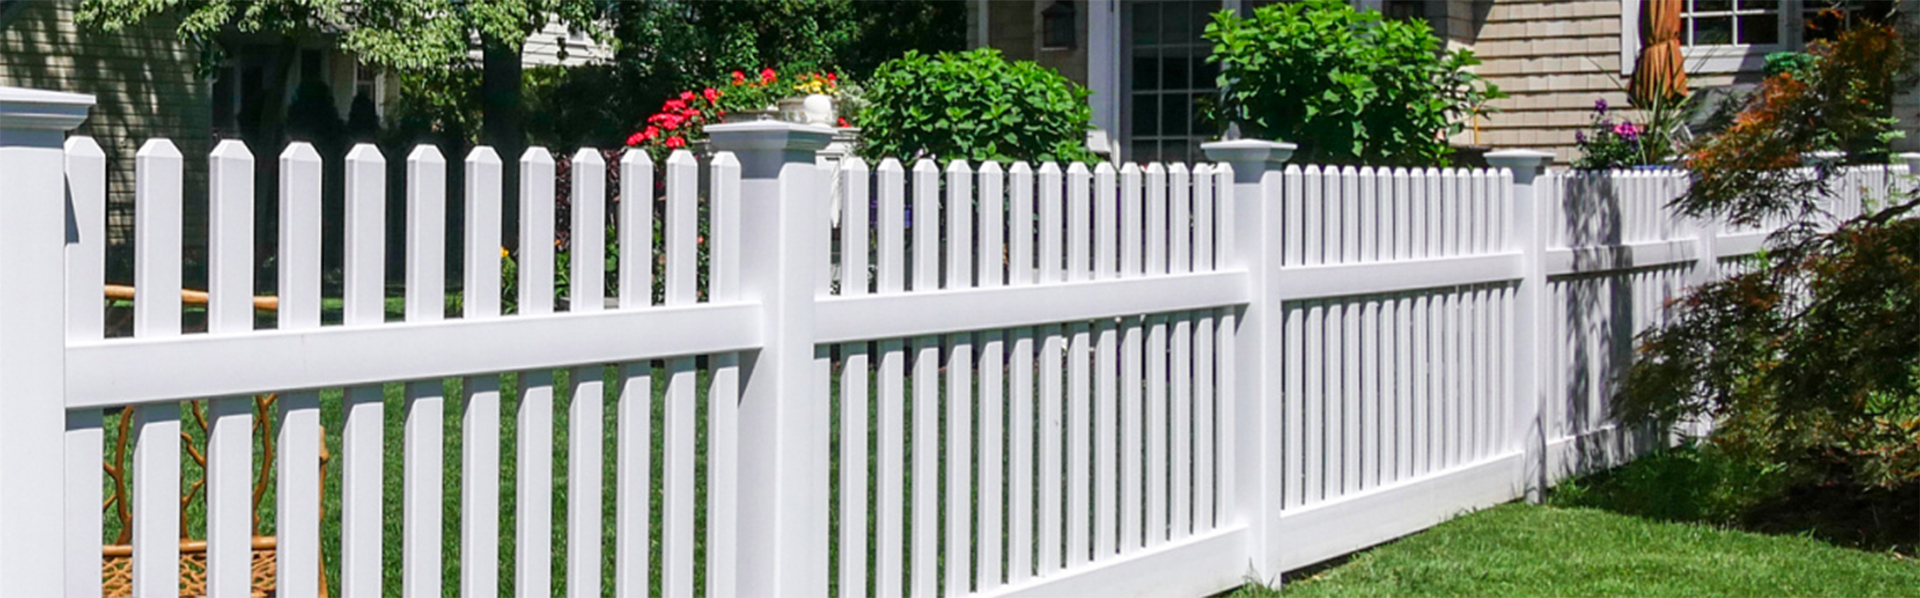 Vinyl-fences